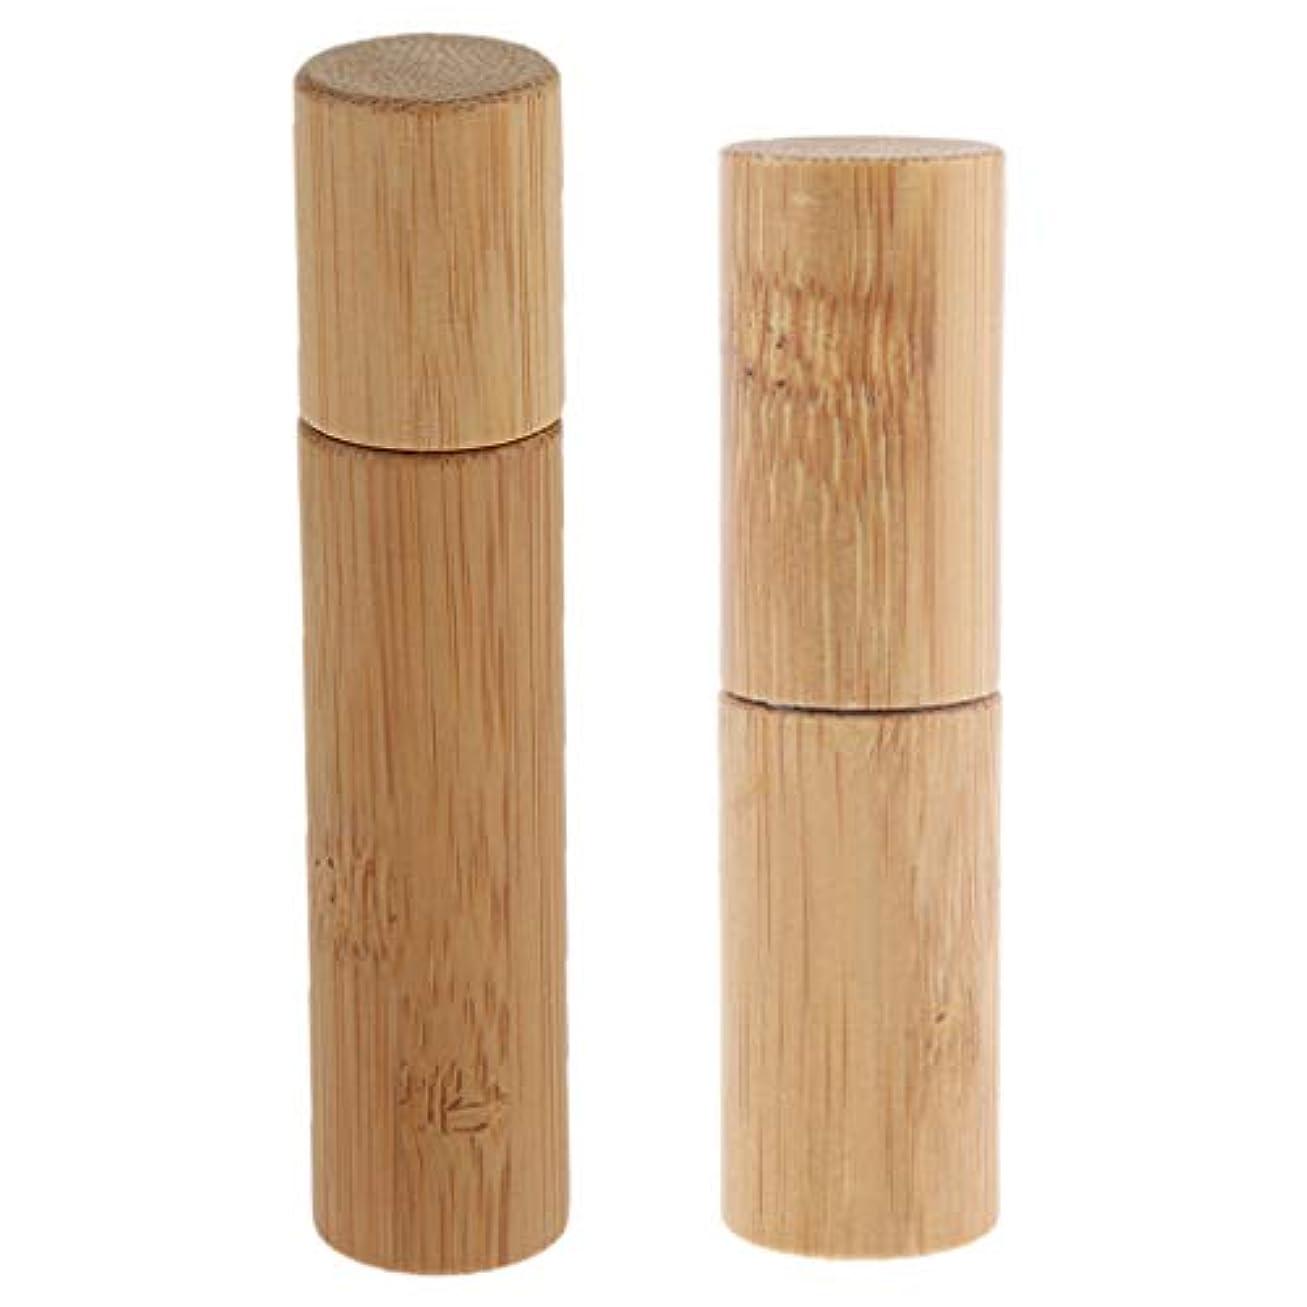 インデックス収穫夕暮れCUTICATE ロールオンボトル 天然竹 詰替え 精油 香水 液体 保存容器 小分け用 旅行 10ml+5ml 2個入